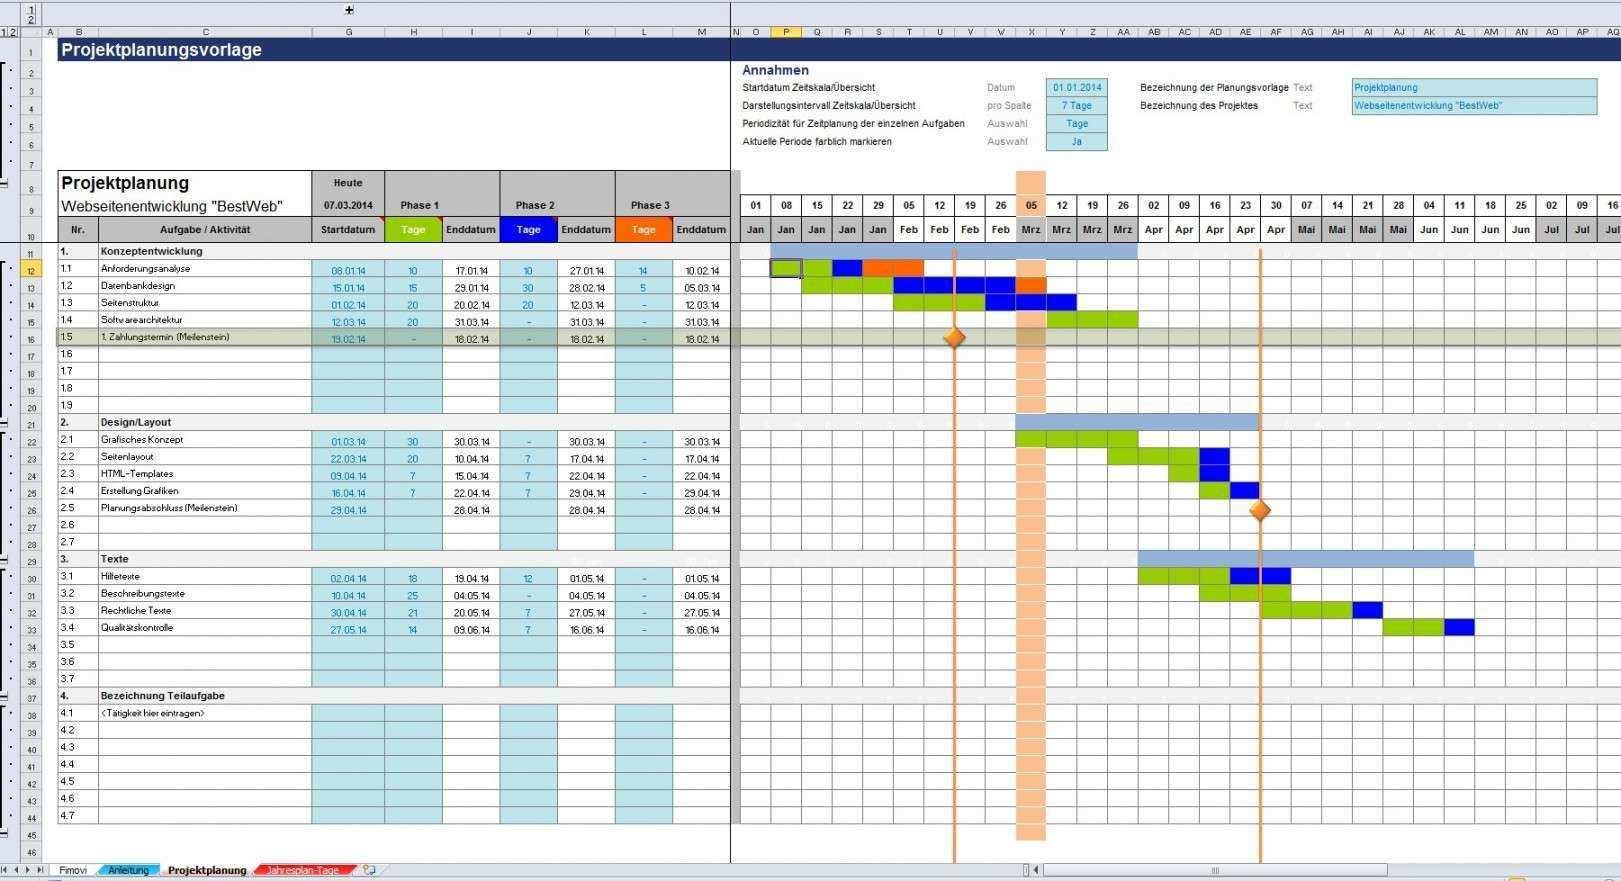 Excel Diagramm Vorlagen Kostenlos Vorlagen Projektplan Vorlage Excel Vorlage